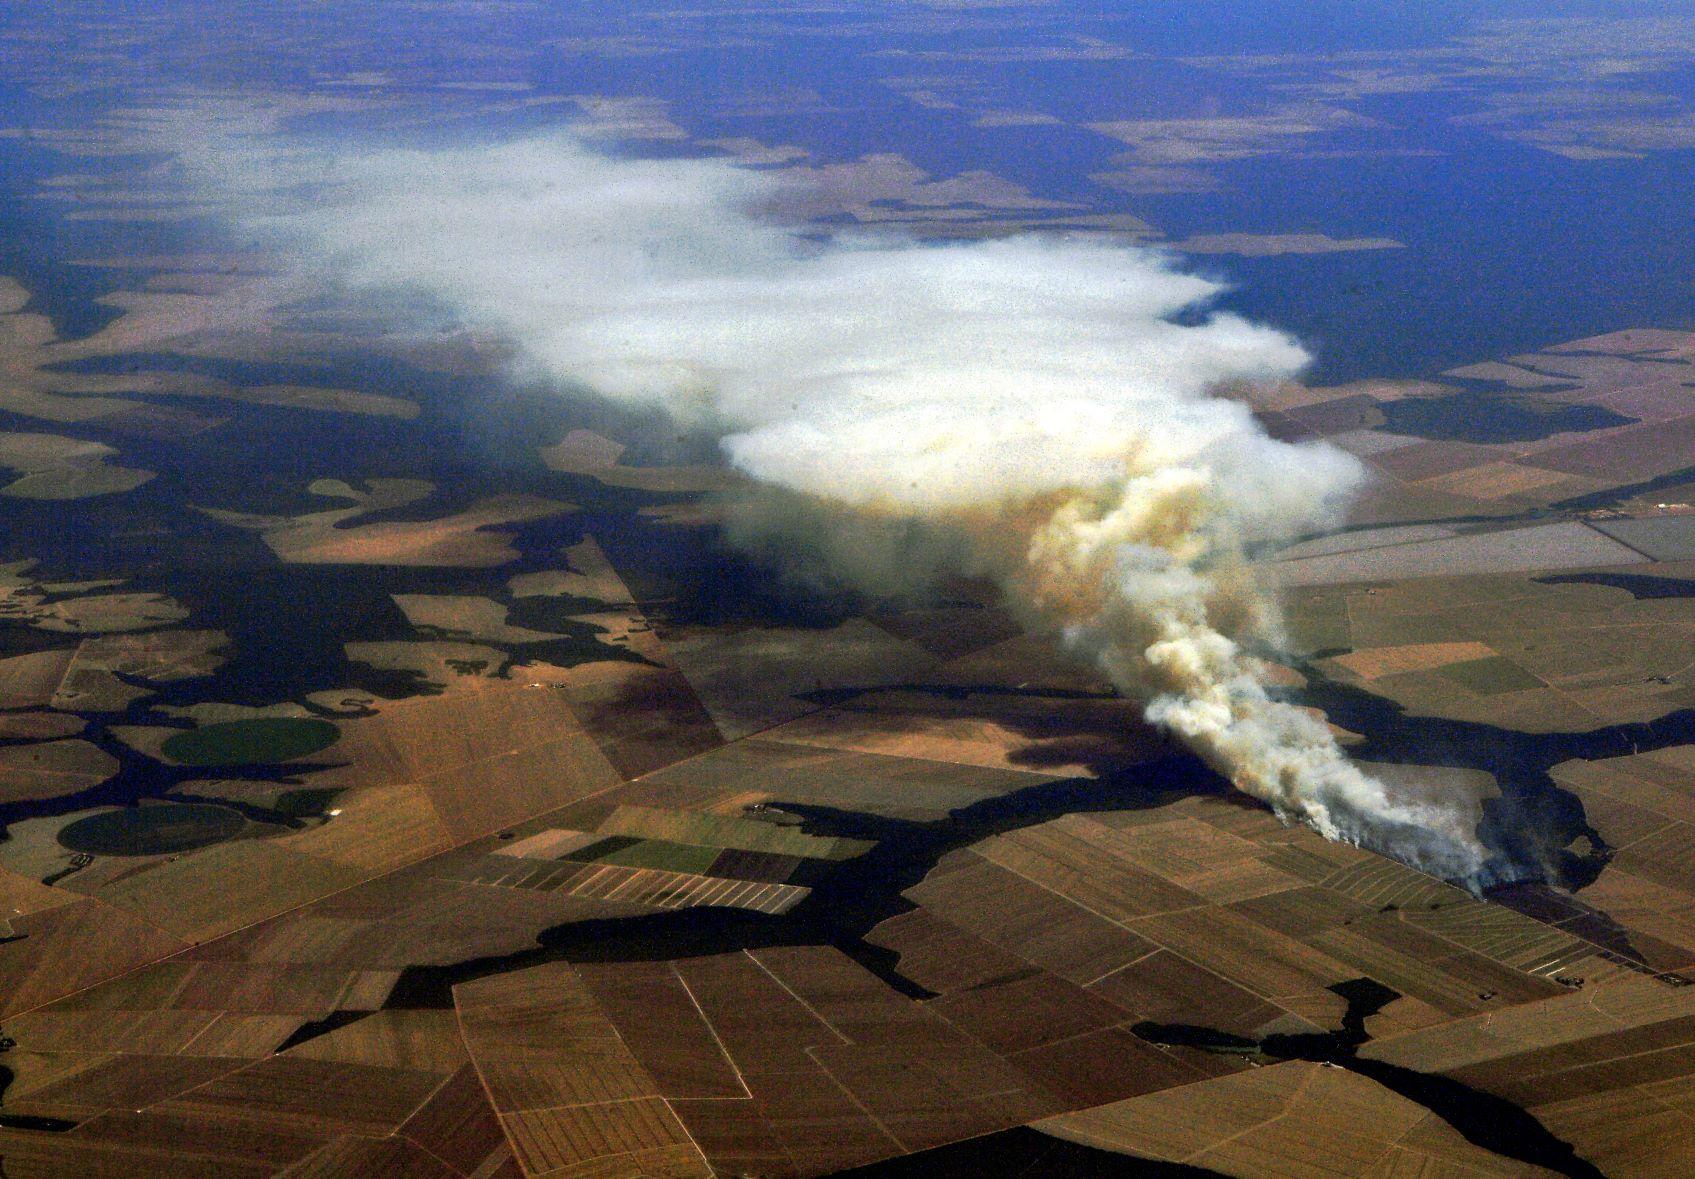 Queimada para ampliar fronteira agrícola no norte de Mato Grosso: desmatamento e incêndios florestais fizeram Brasil ser única grande nação a ter aumento de emissões no ano da pandemia (Foto: Carl de Souza/AFP - 06/08/2021)